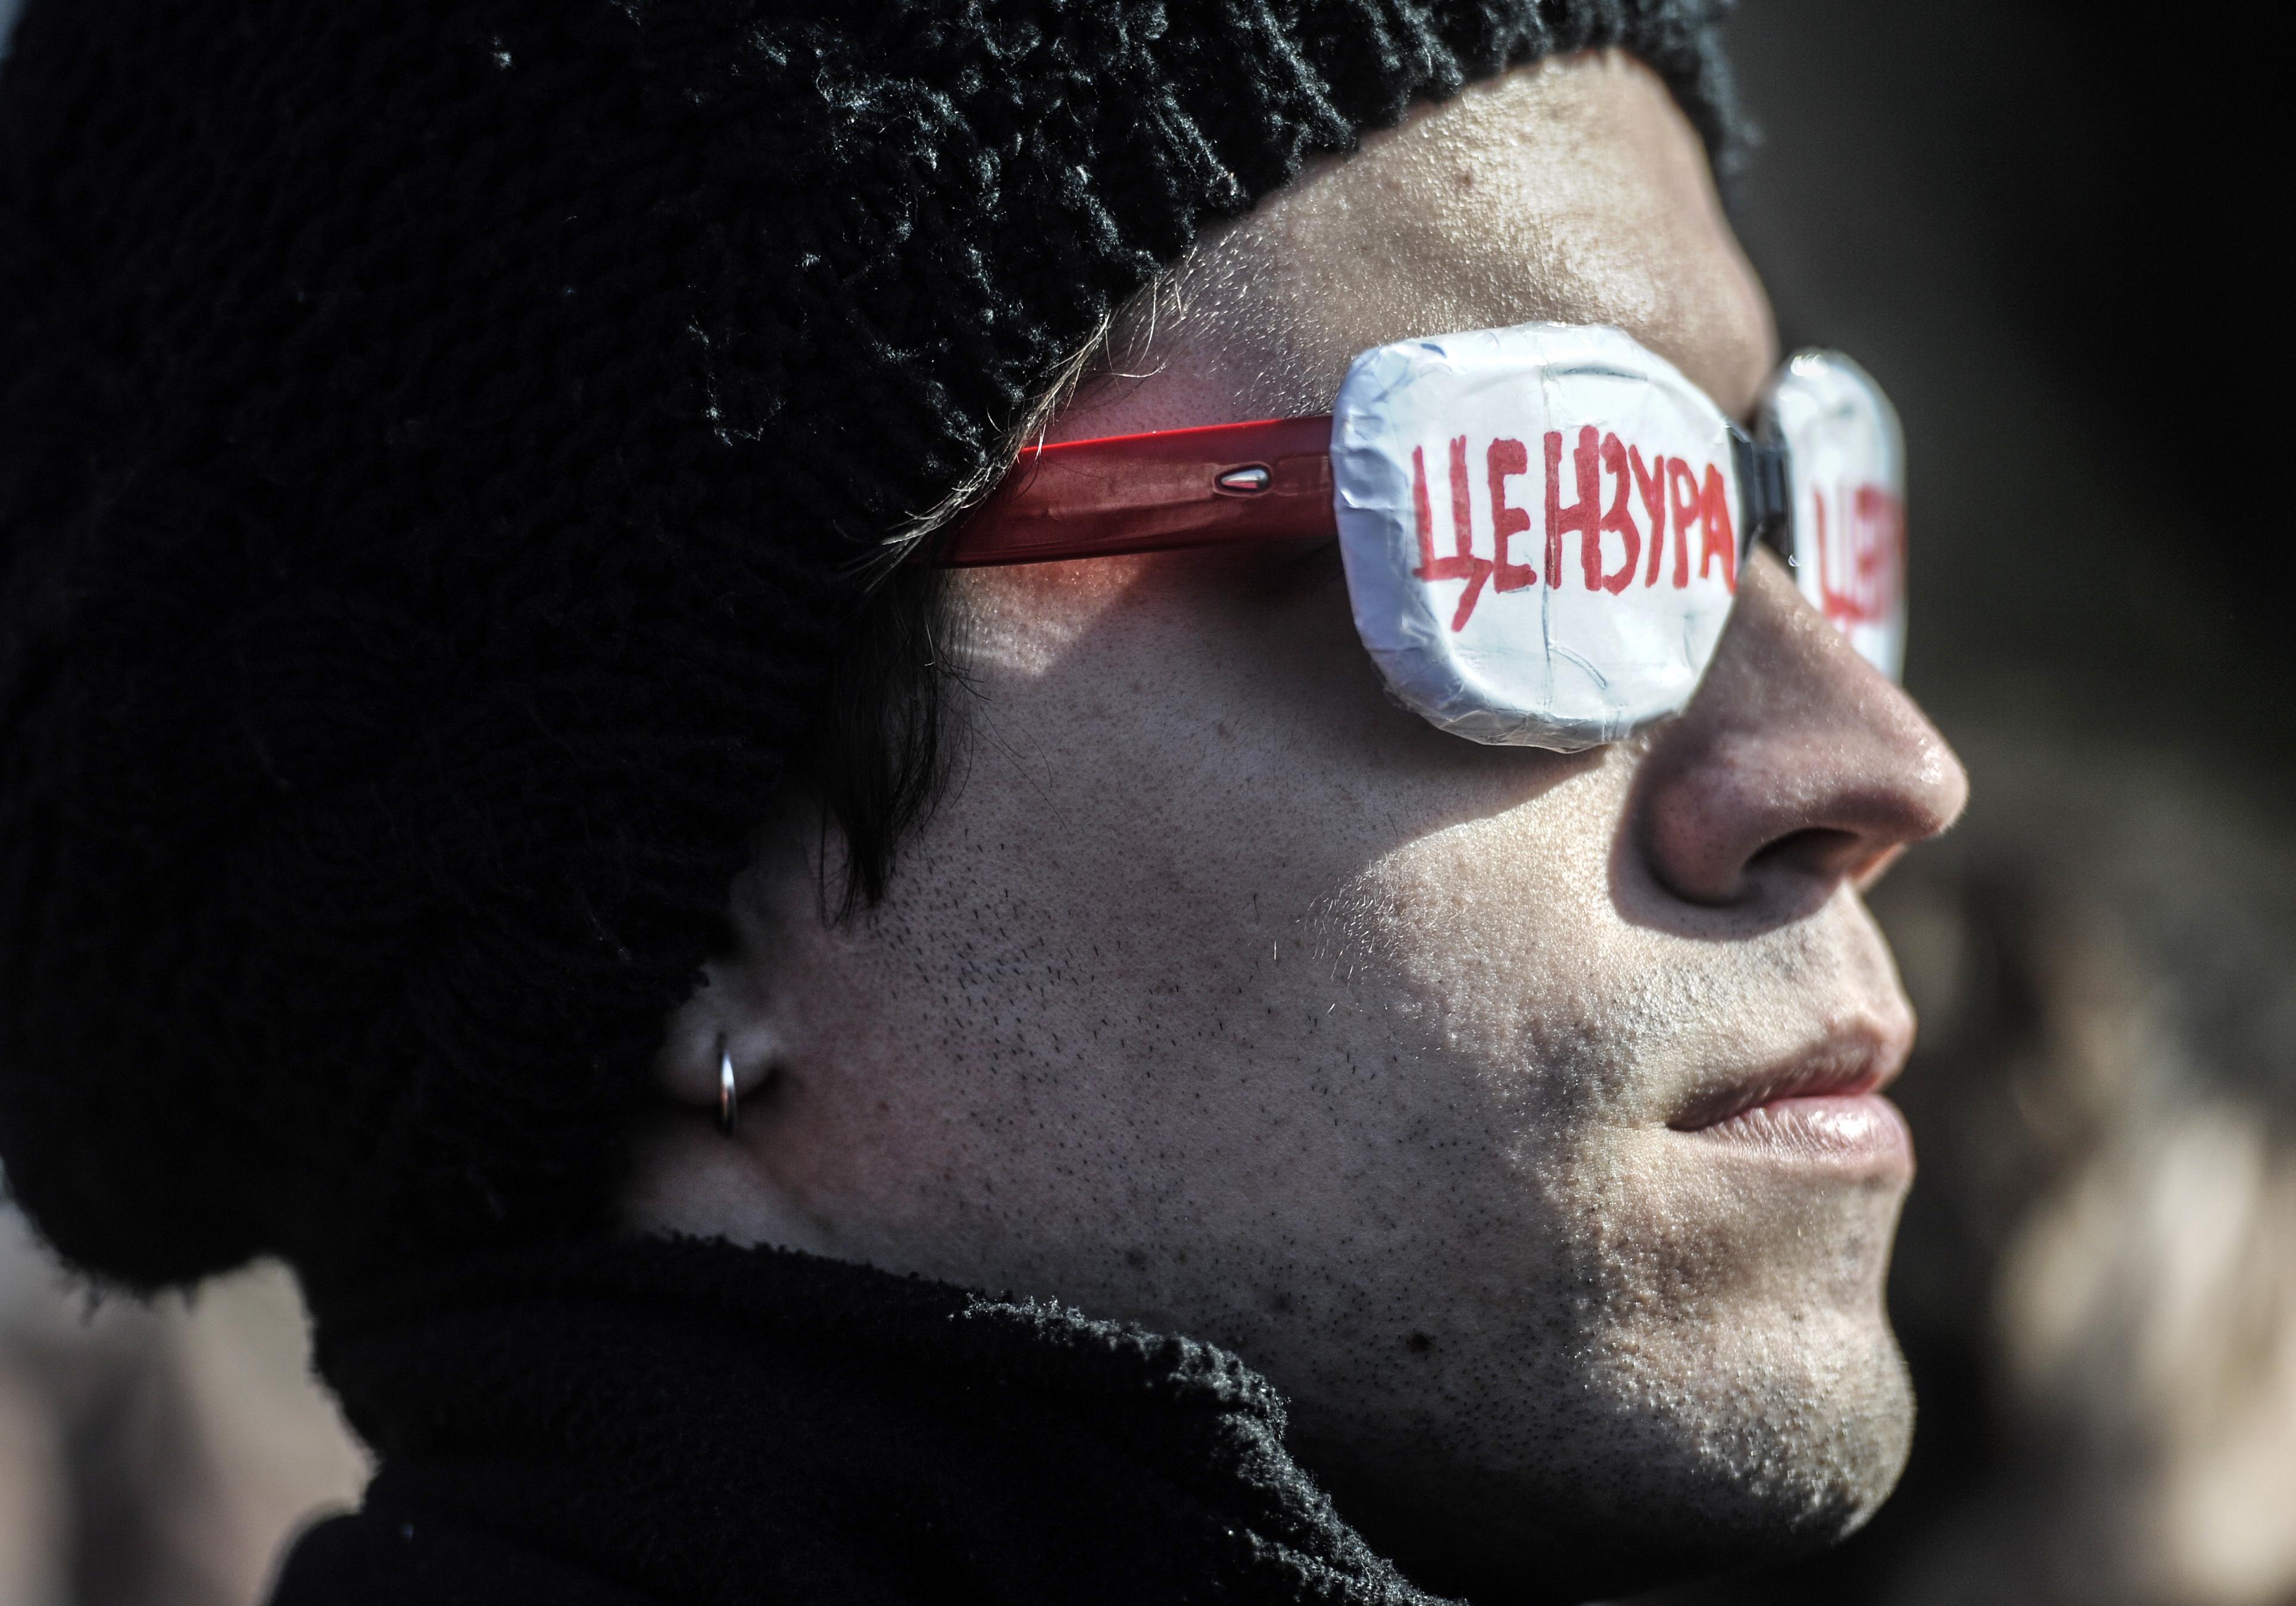 Участник митинга в защиту свободы творчества и в поддержку оперы Р.Вагнера «Тангейзер» в постановке режиссера Т.Кулябина у здания Новосибирского театра оперы и балета. 5 апреля 2015 года